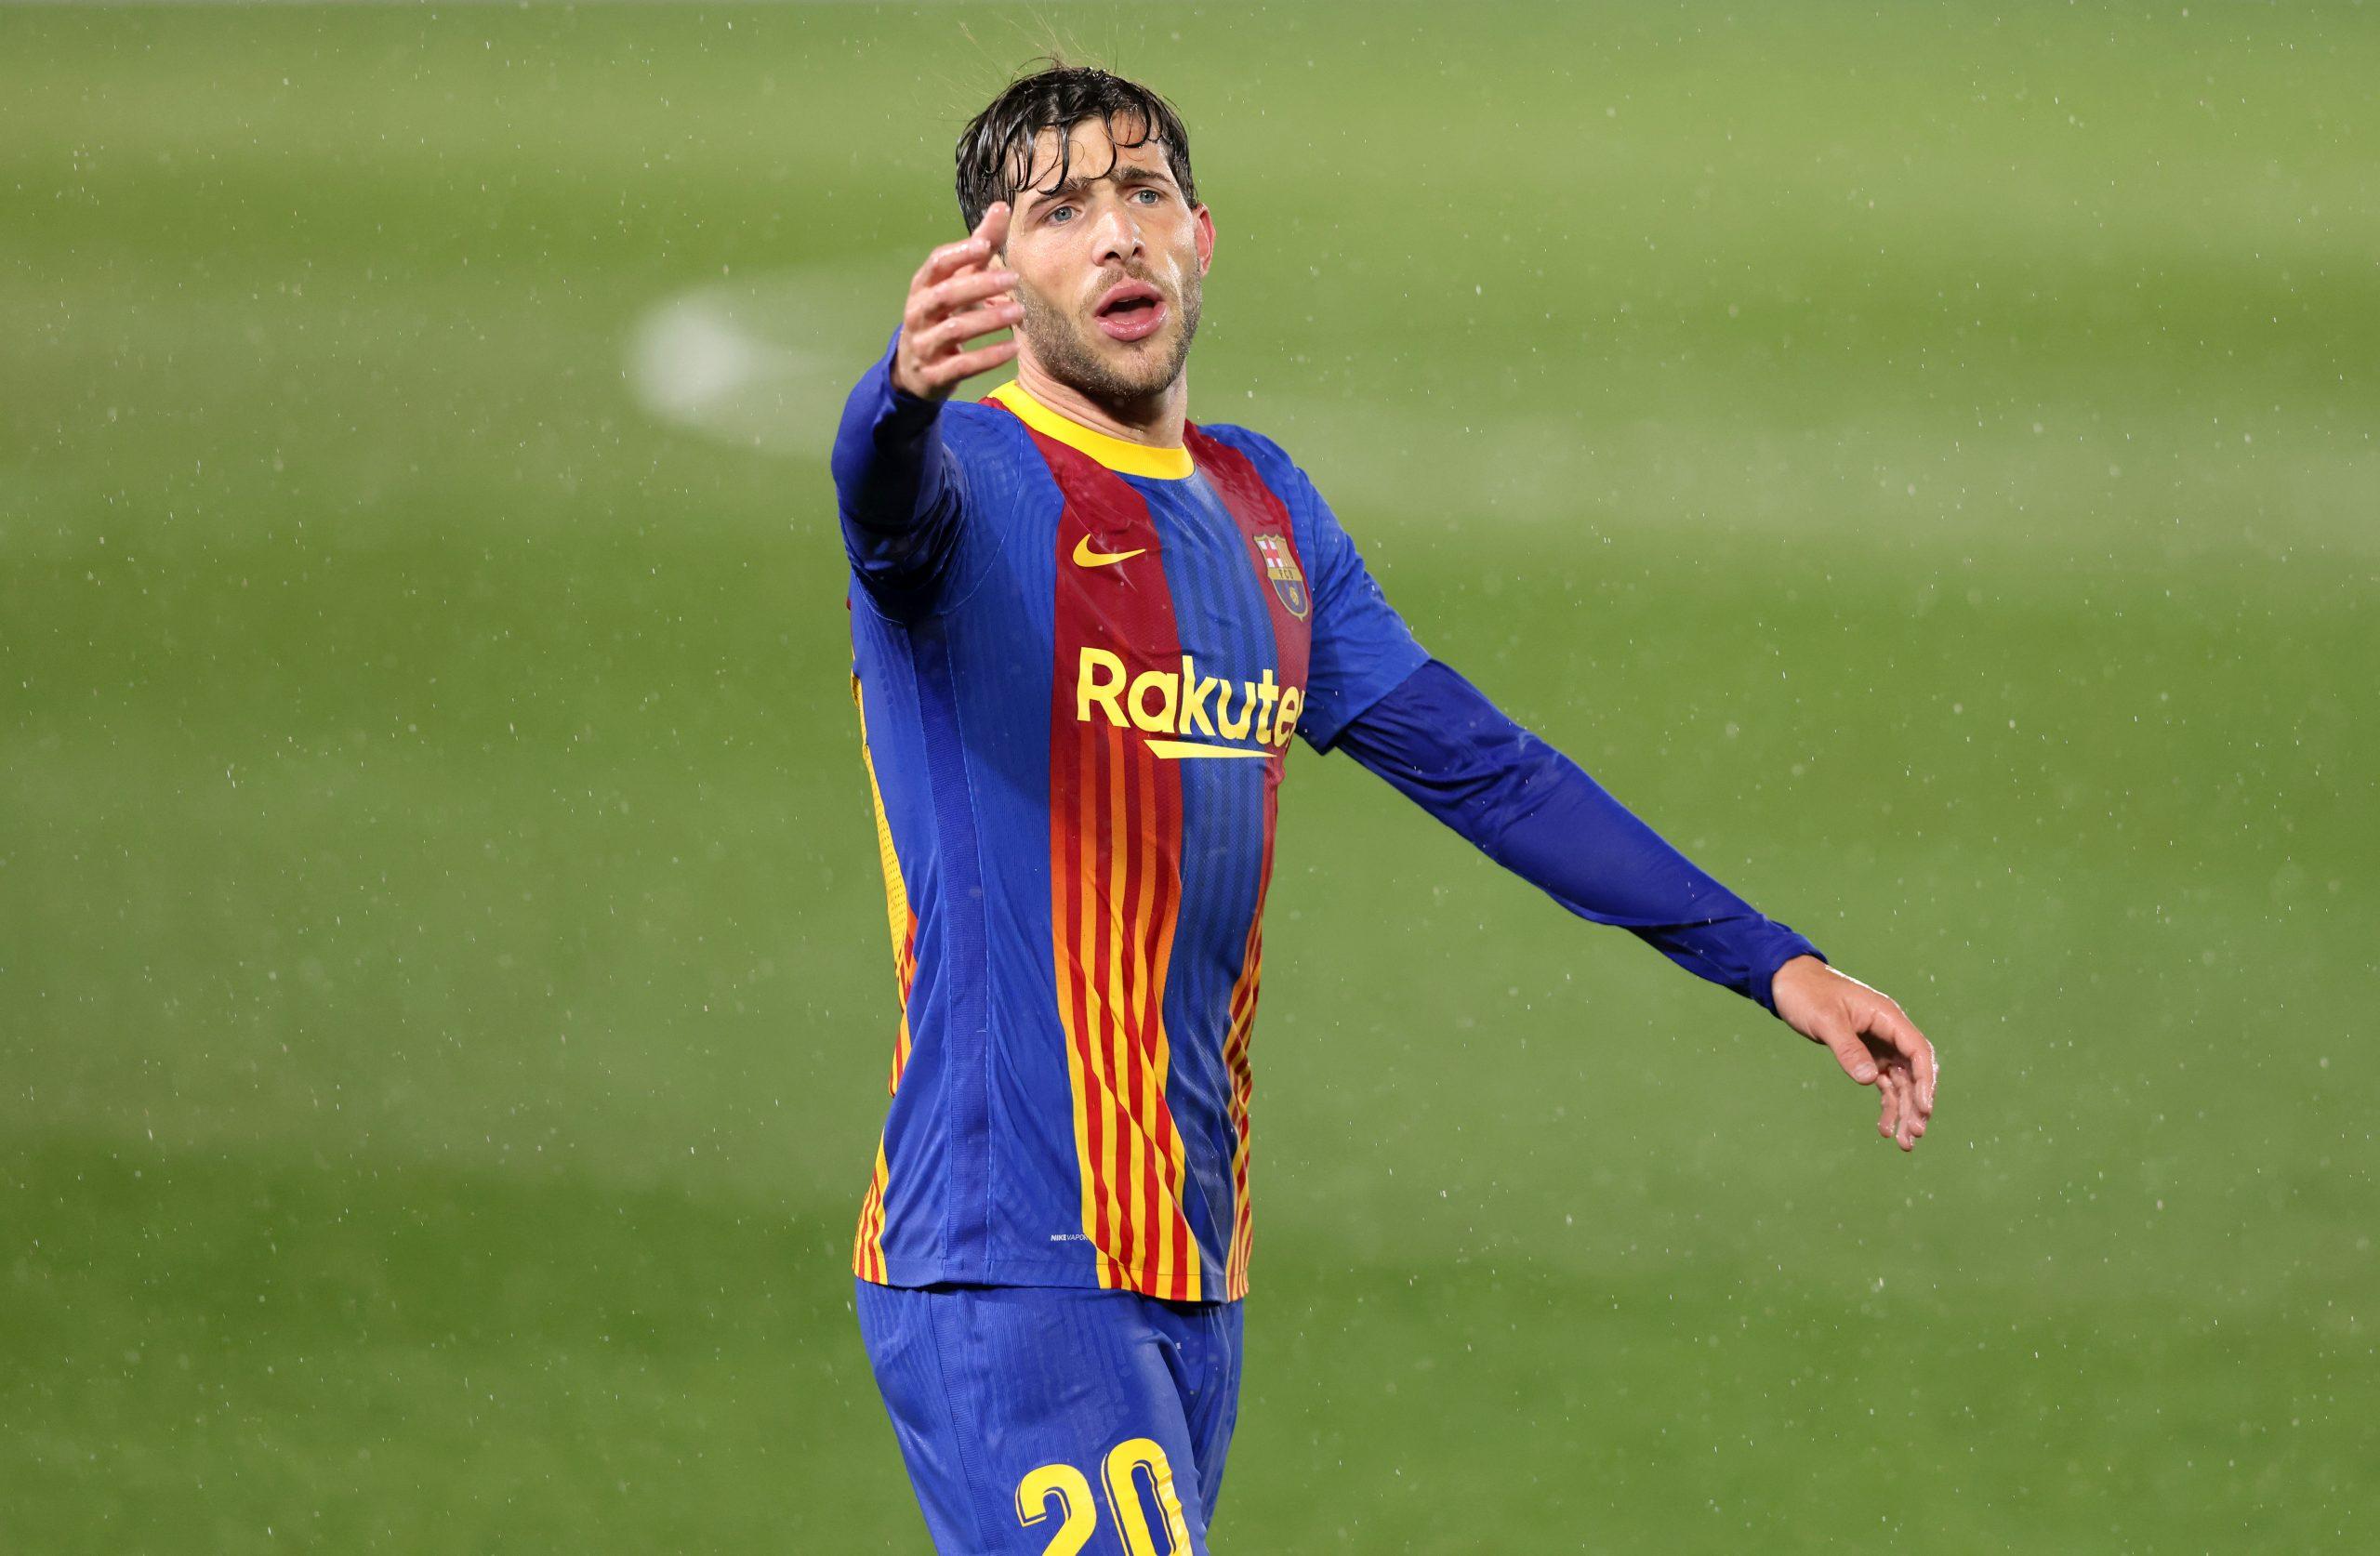 Calciomercato Inter. de Vrij-Barcellona: Sergi Roberto nell'affare